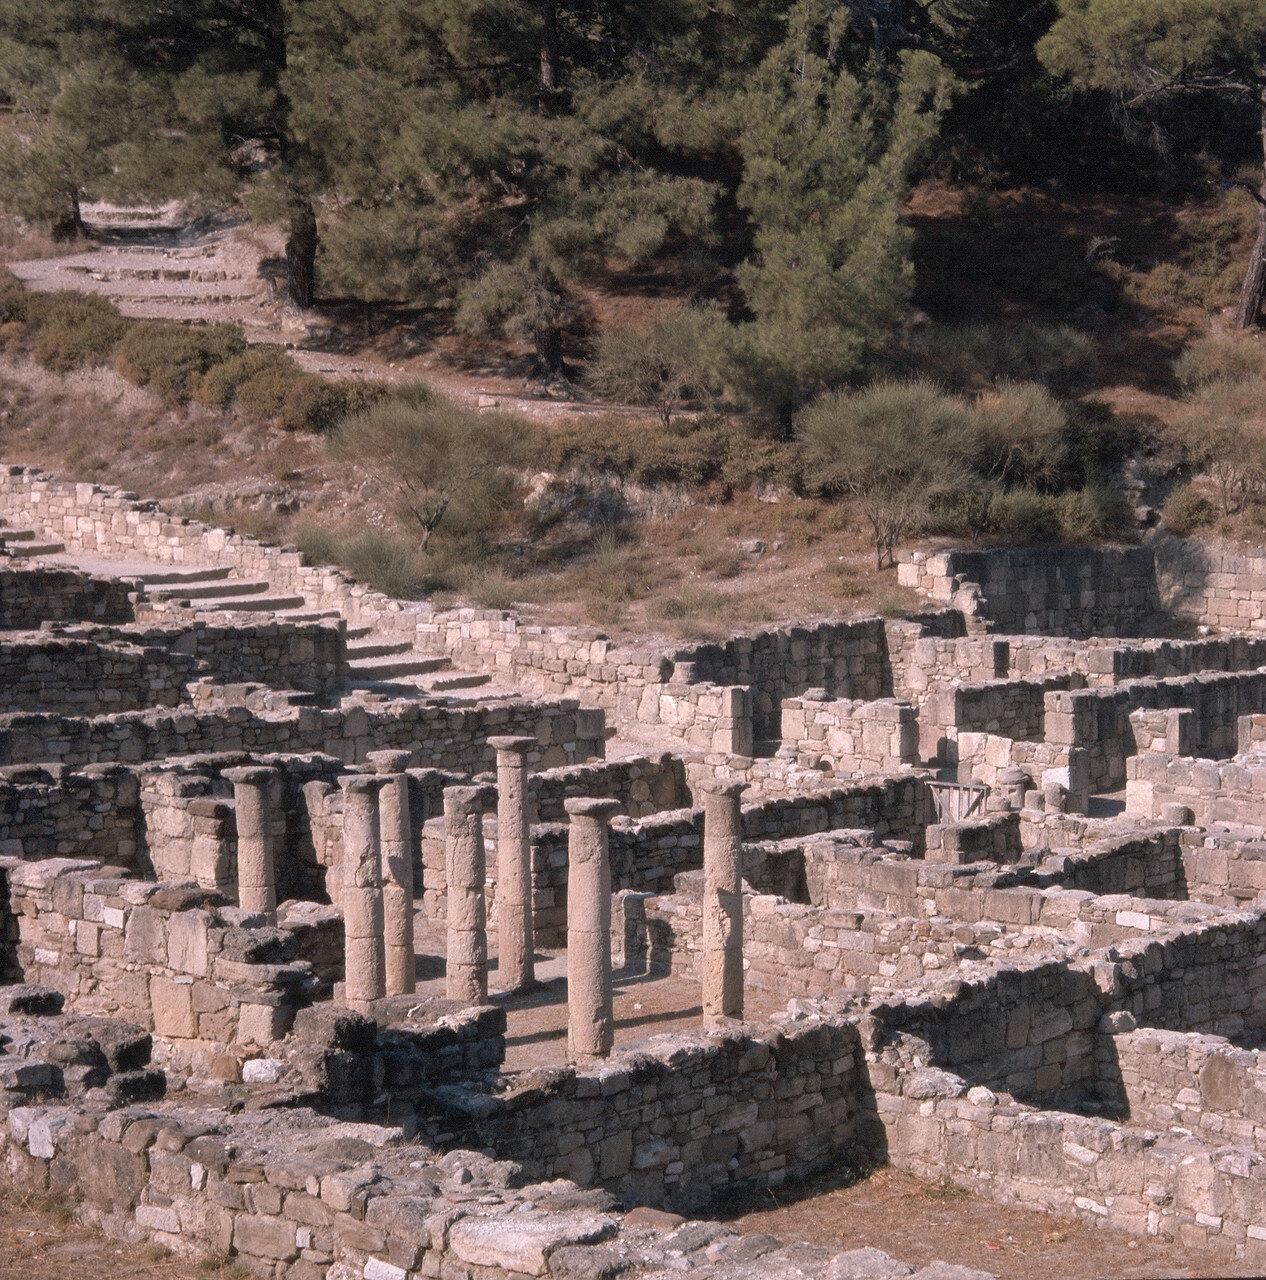 Камирос. Перистиль здания эллинистического периода, построенного на склоне холма. II в. до н.э.